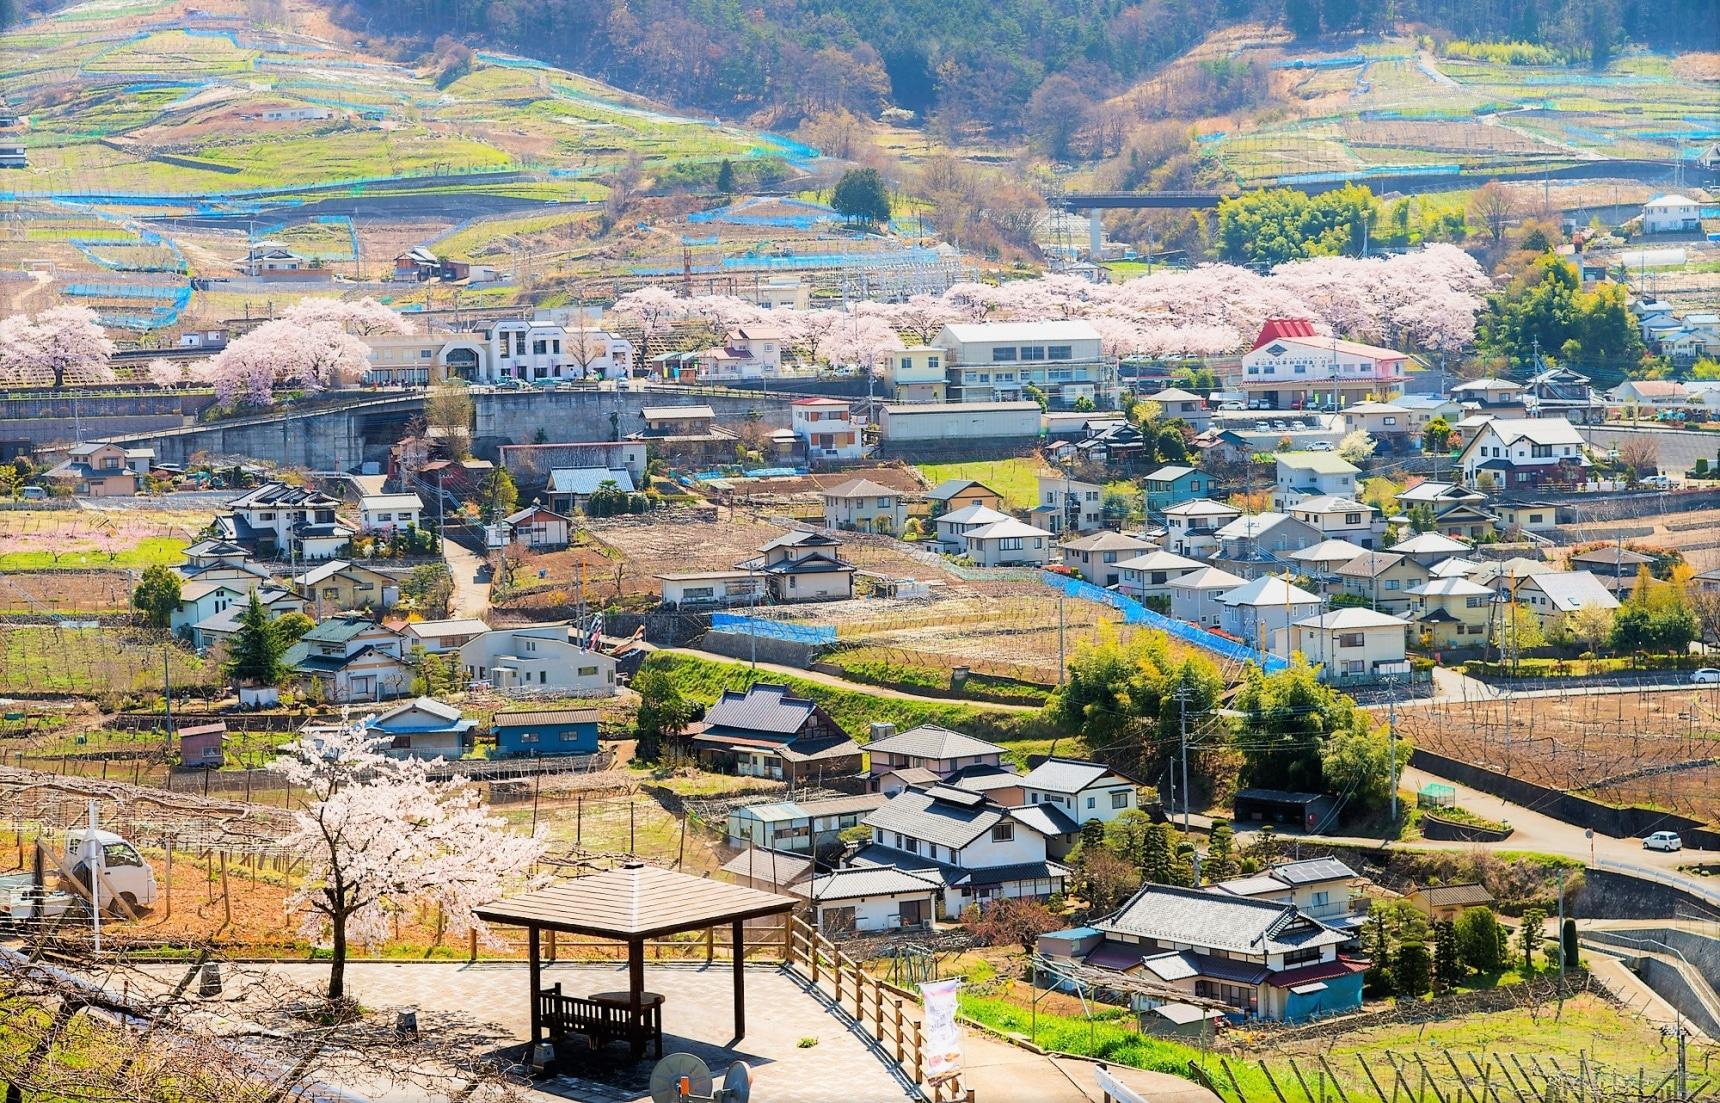 【帶著爸媽自駕遊日本|山梨縣・勝沼/笛吹篇】盡享天倫之樂的葡萄鄉美景、美酒與美食之旅